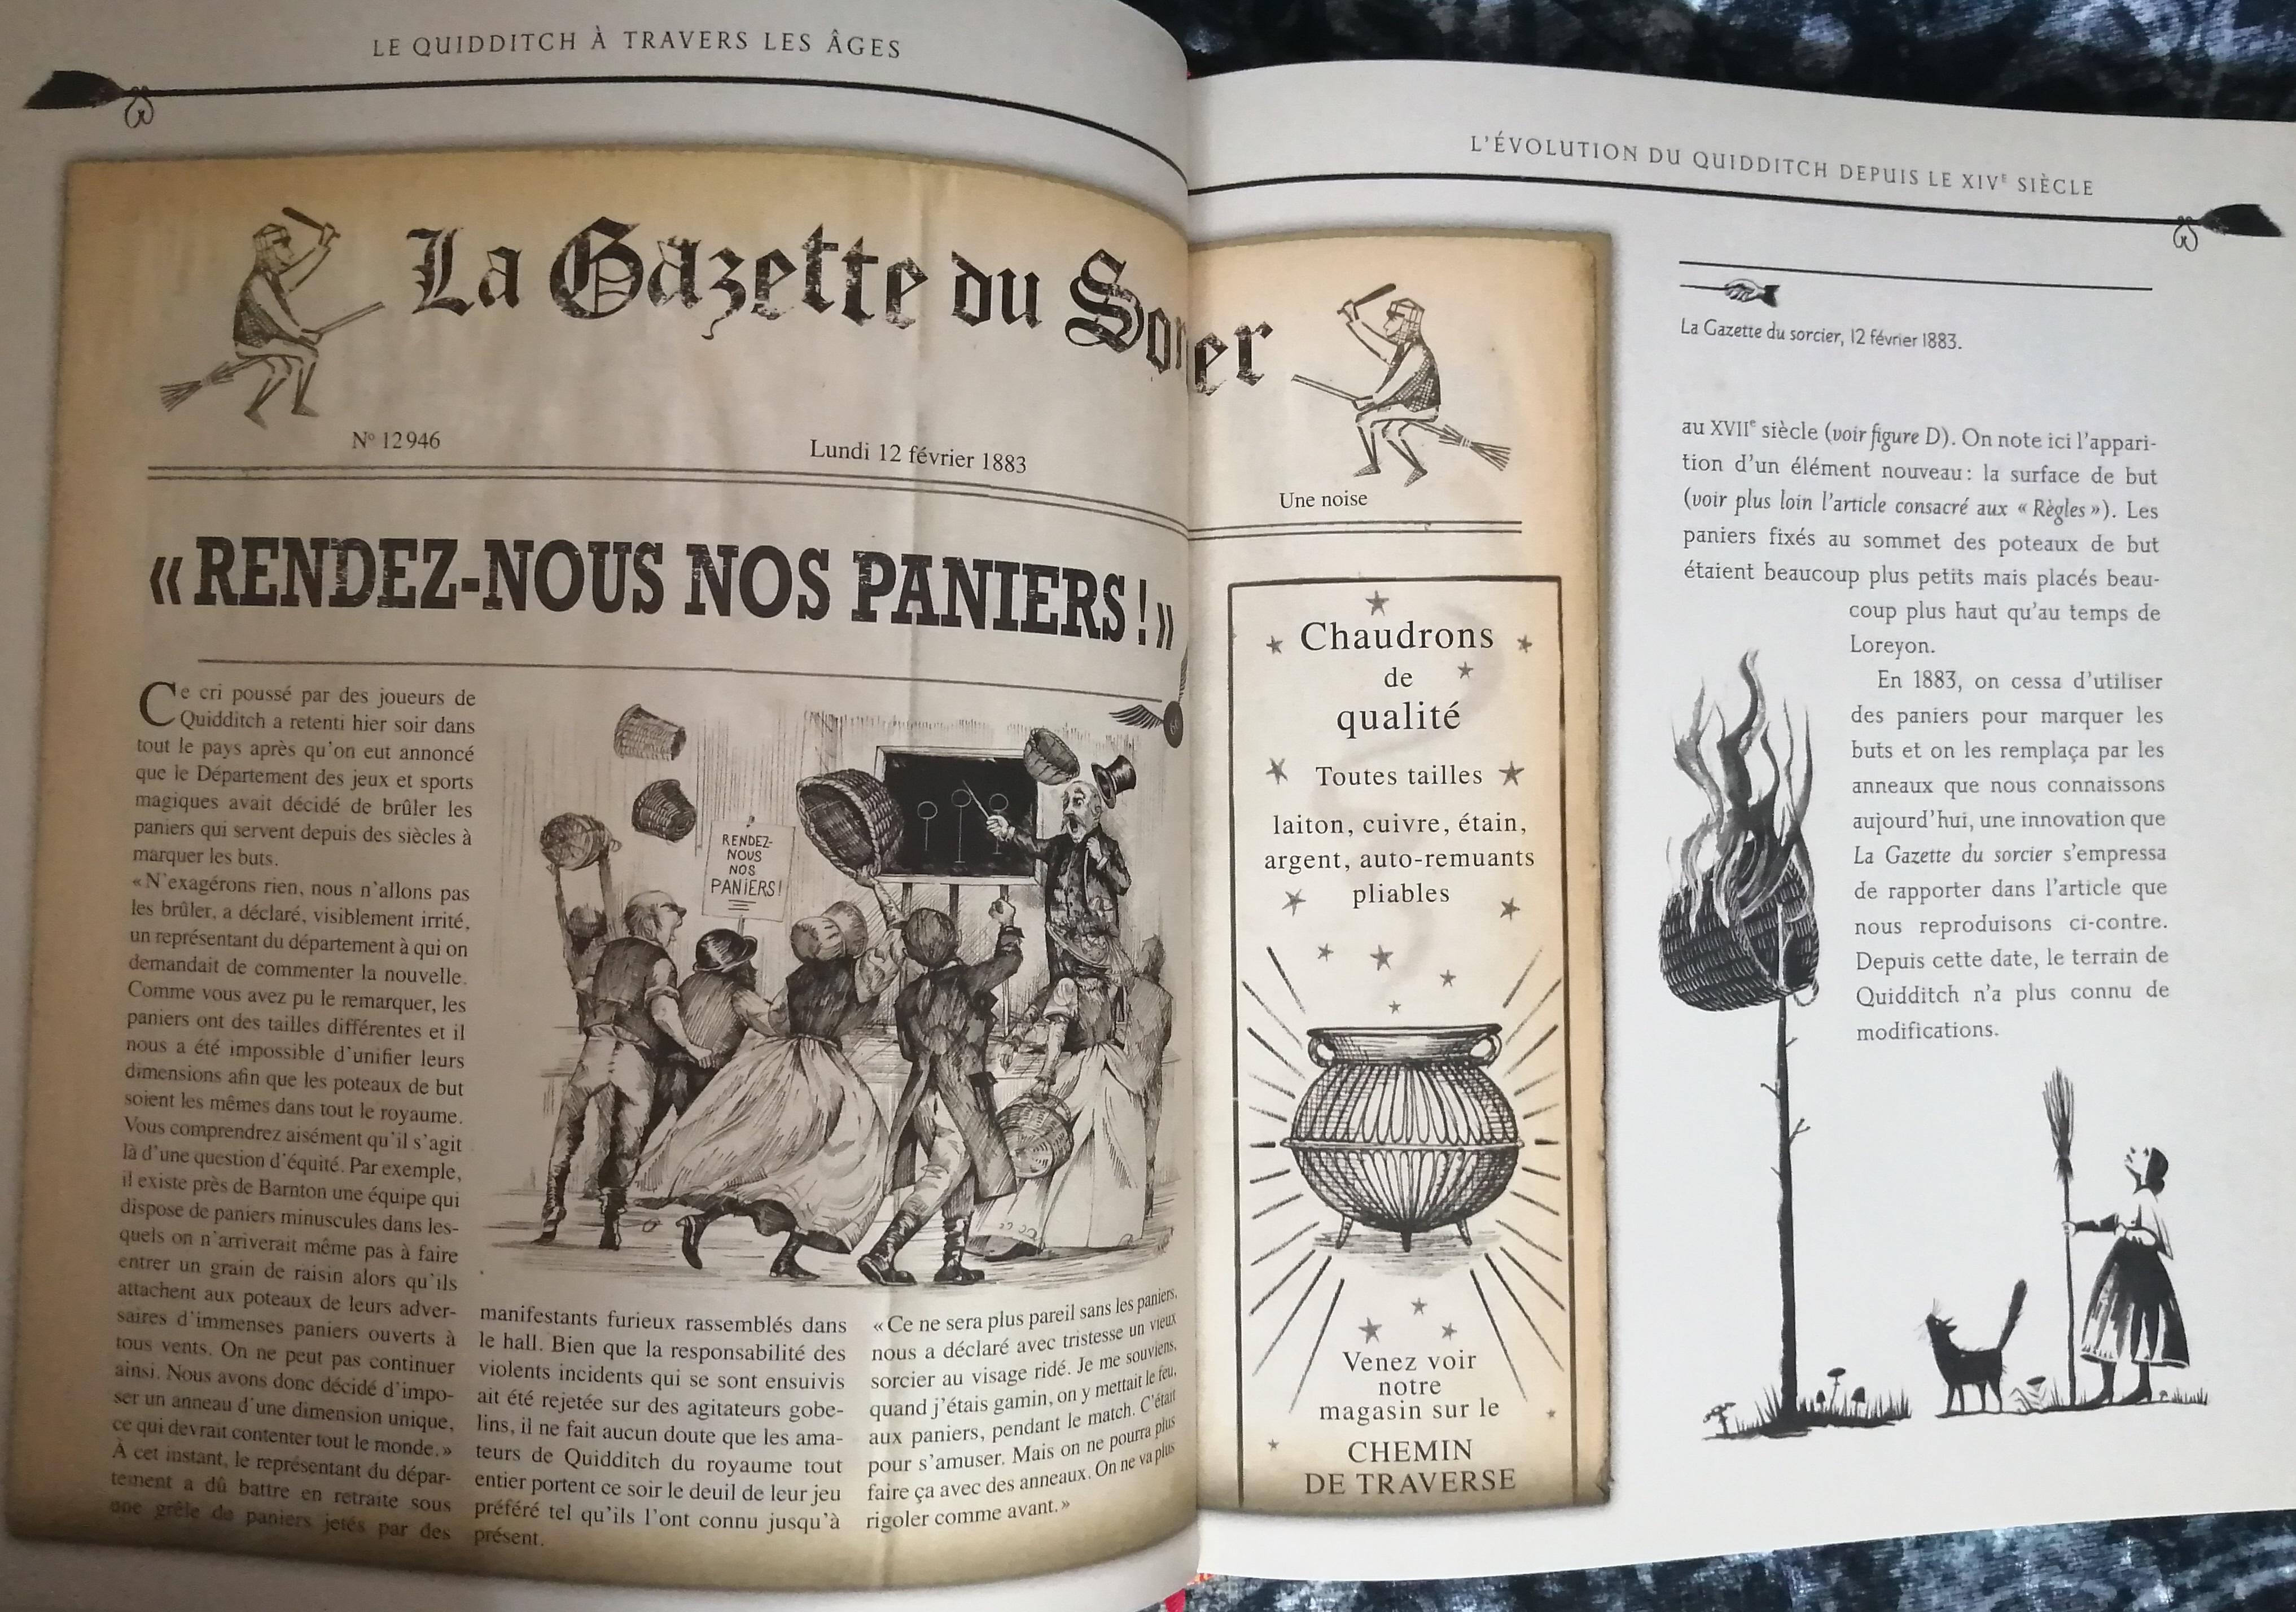 Gazette du sorcier dans Le Quidditch à travers les âges illustré par Emily Gravett - édition Gallimard Jeunesse